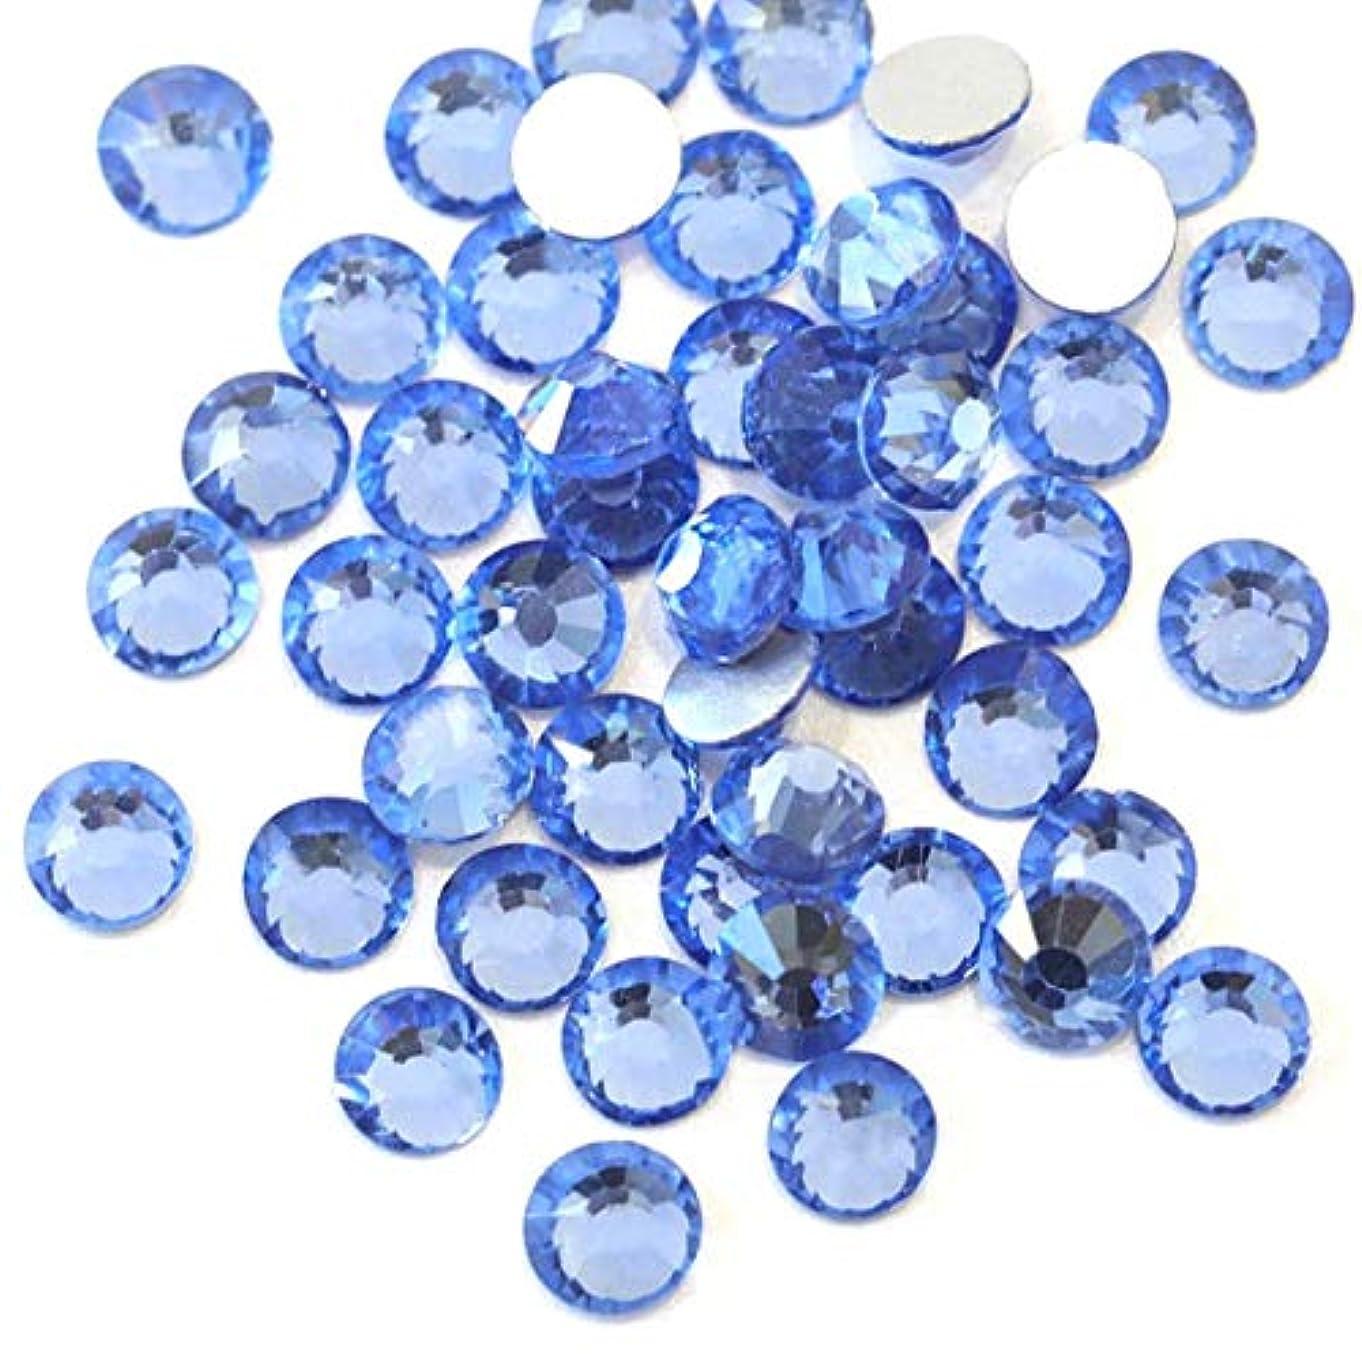 耐えられないポンド最も遠い【ラインストーン77】高品質ガラス製ラインストーン ライトサファイア(1.3mm (SS3) 約200粒)